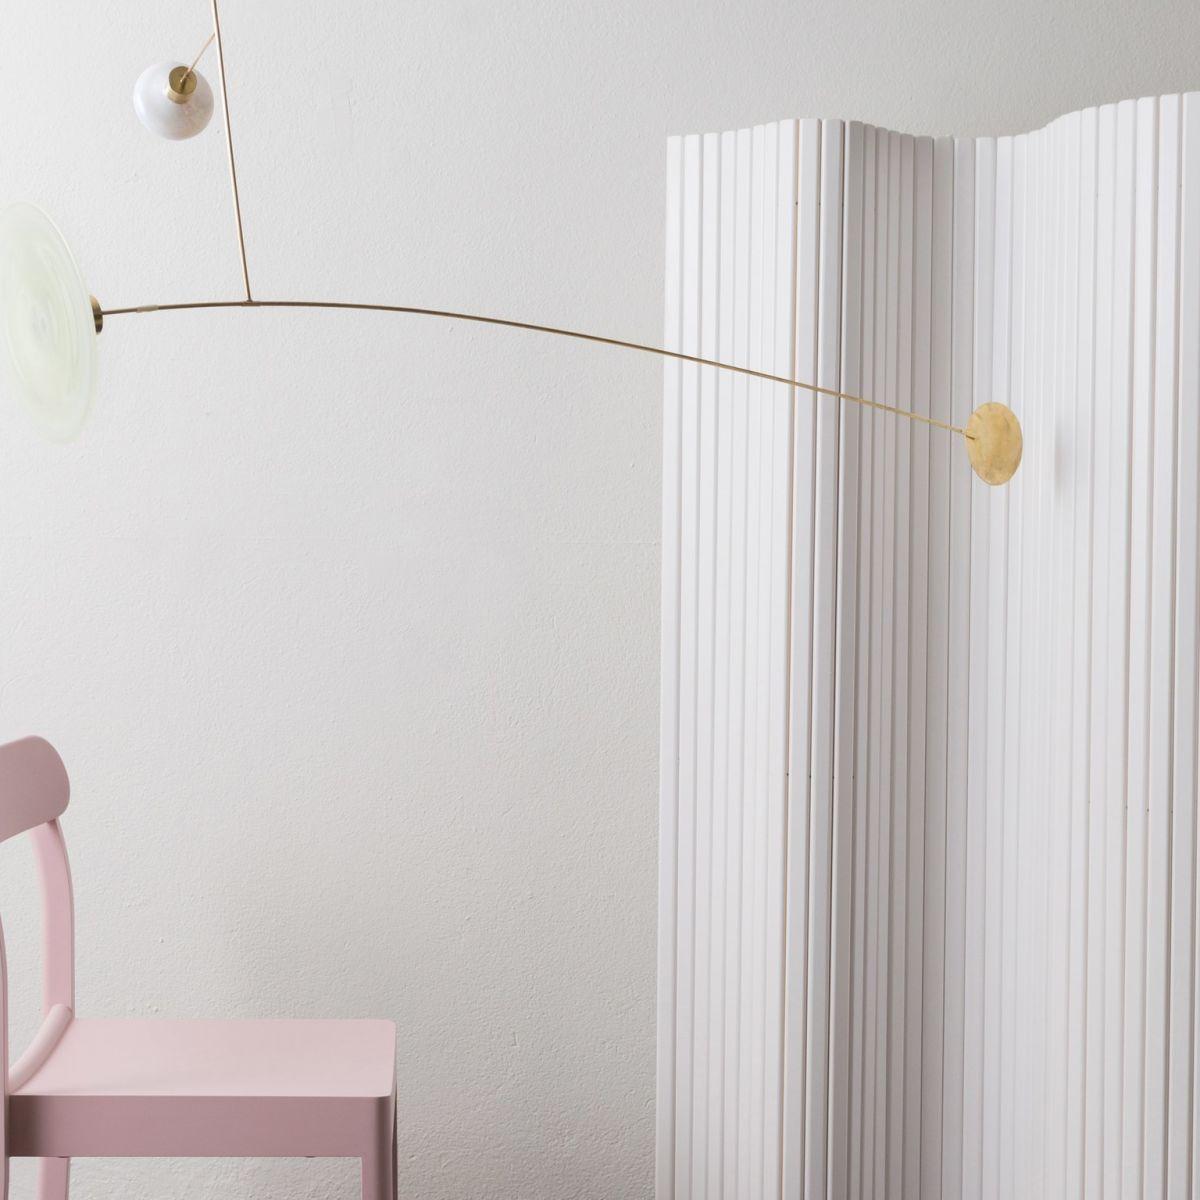 Artek-x-Milla-Vaahtera-Glass-mobiles-stabiles-London- -Hannakaisa-Pekkala-17